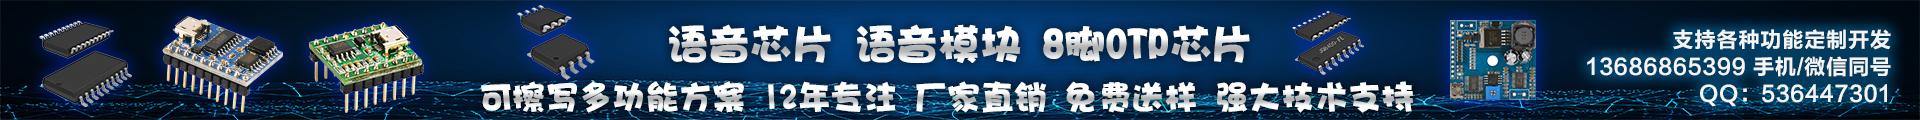 深圳市誠匯科技有限公司